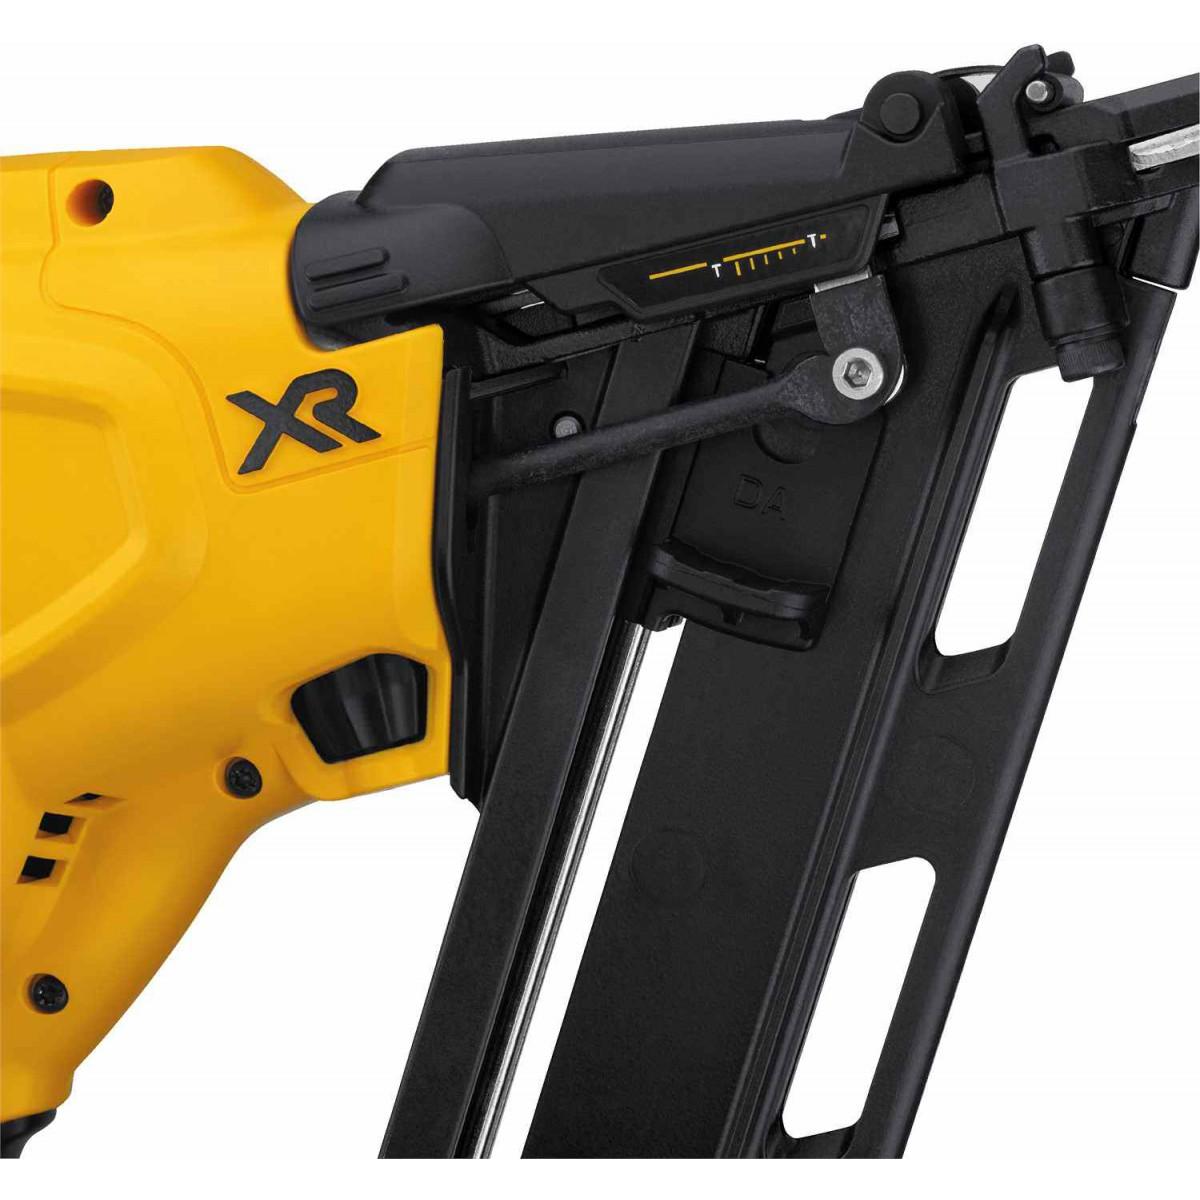 Dewalt DCN650D1  20V Max XR 15 Ga Angled Finish Nailer Kit with 2.0Ah Battery